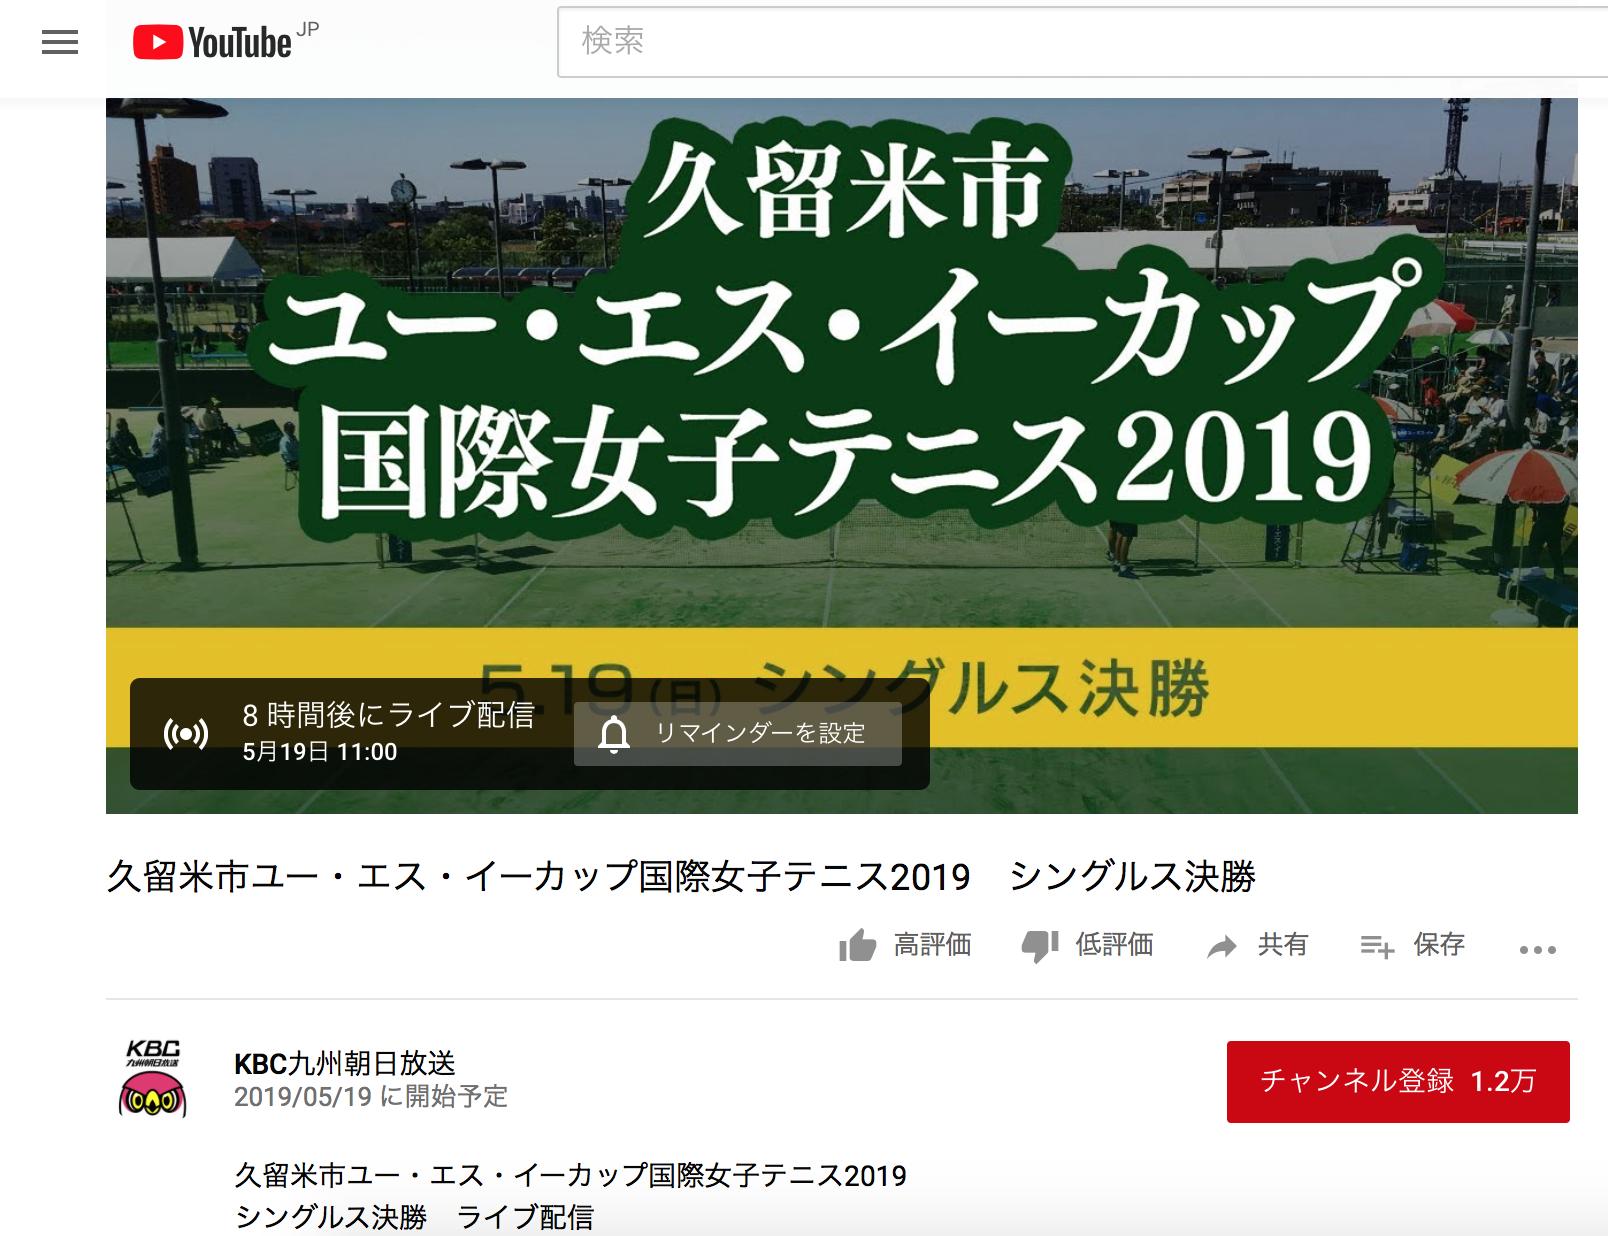 スクリーンショット 2019-05-19 2.05.46